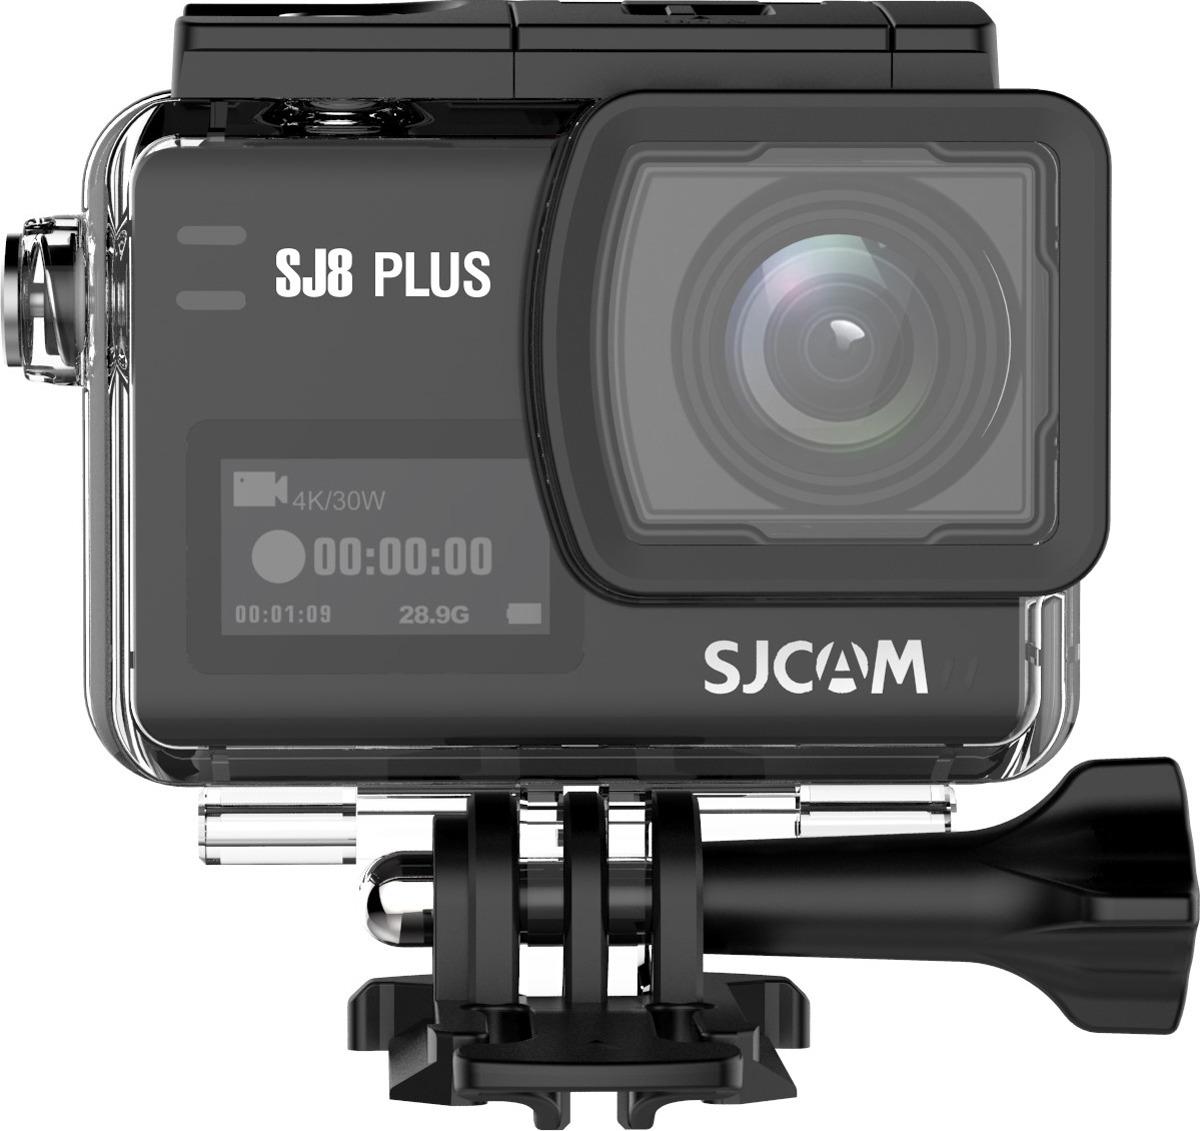 Экшн-камера SJCAM SJ8 Plus, SJ8 Plus (black), черный original sjcam sj8 pro 4k 60fps wifi action camera